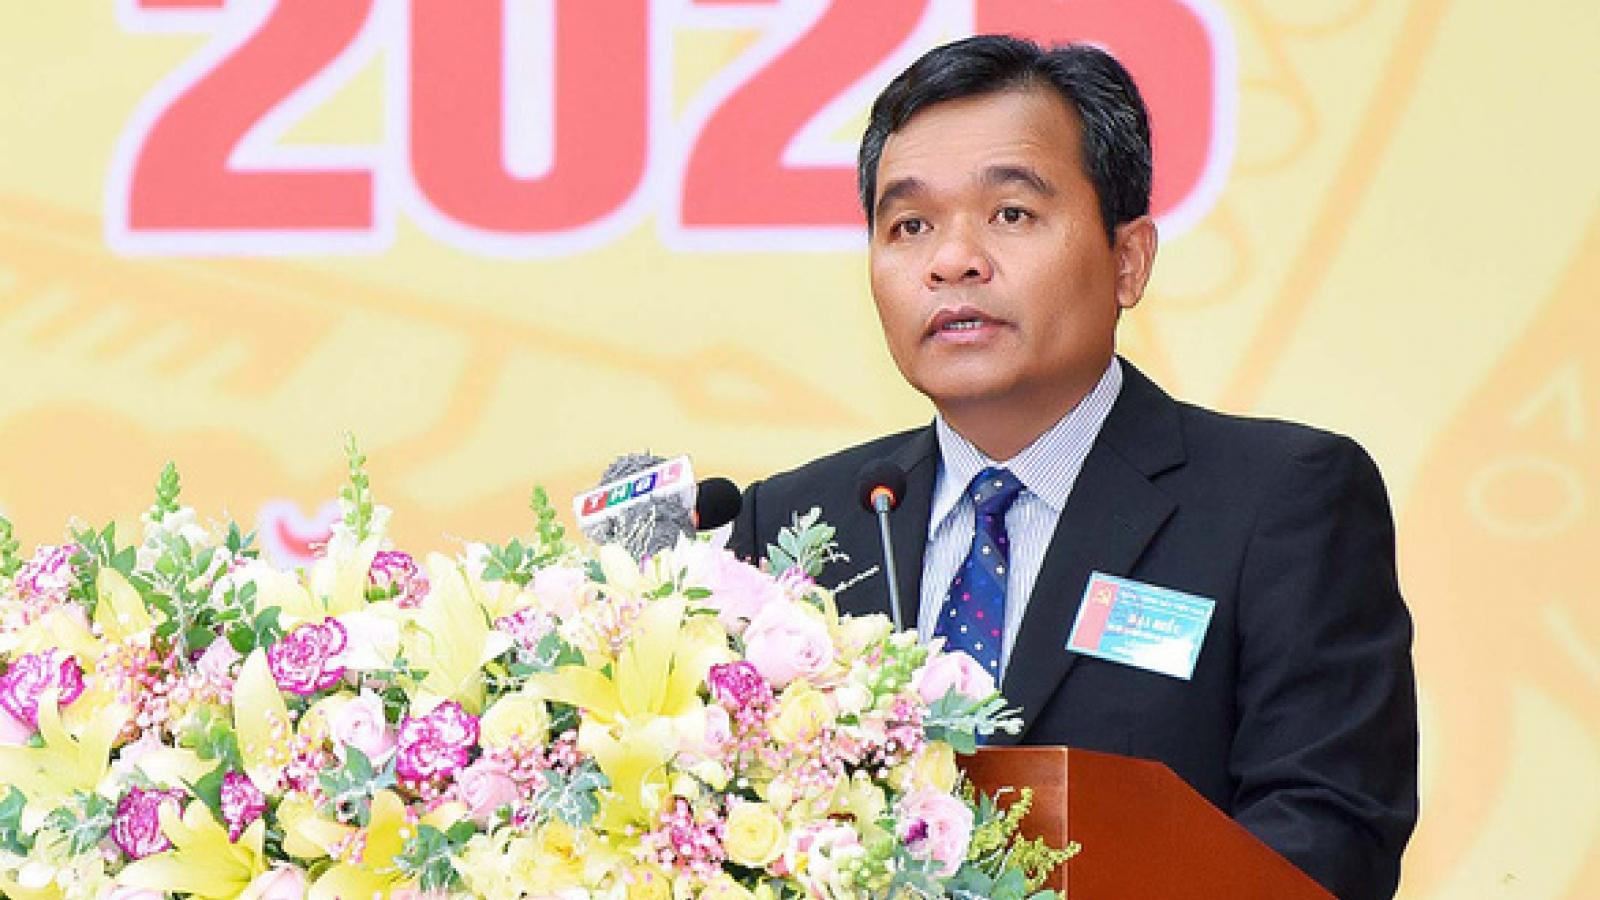 Bí thư Tỉnh ủy Gia Lai Hồ Văn Niên được bầu giữ chức Chủ tịch HĐND tỉnh